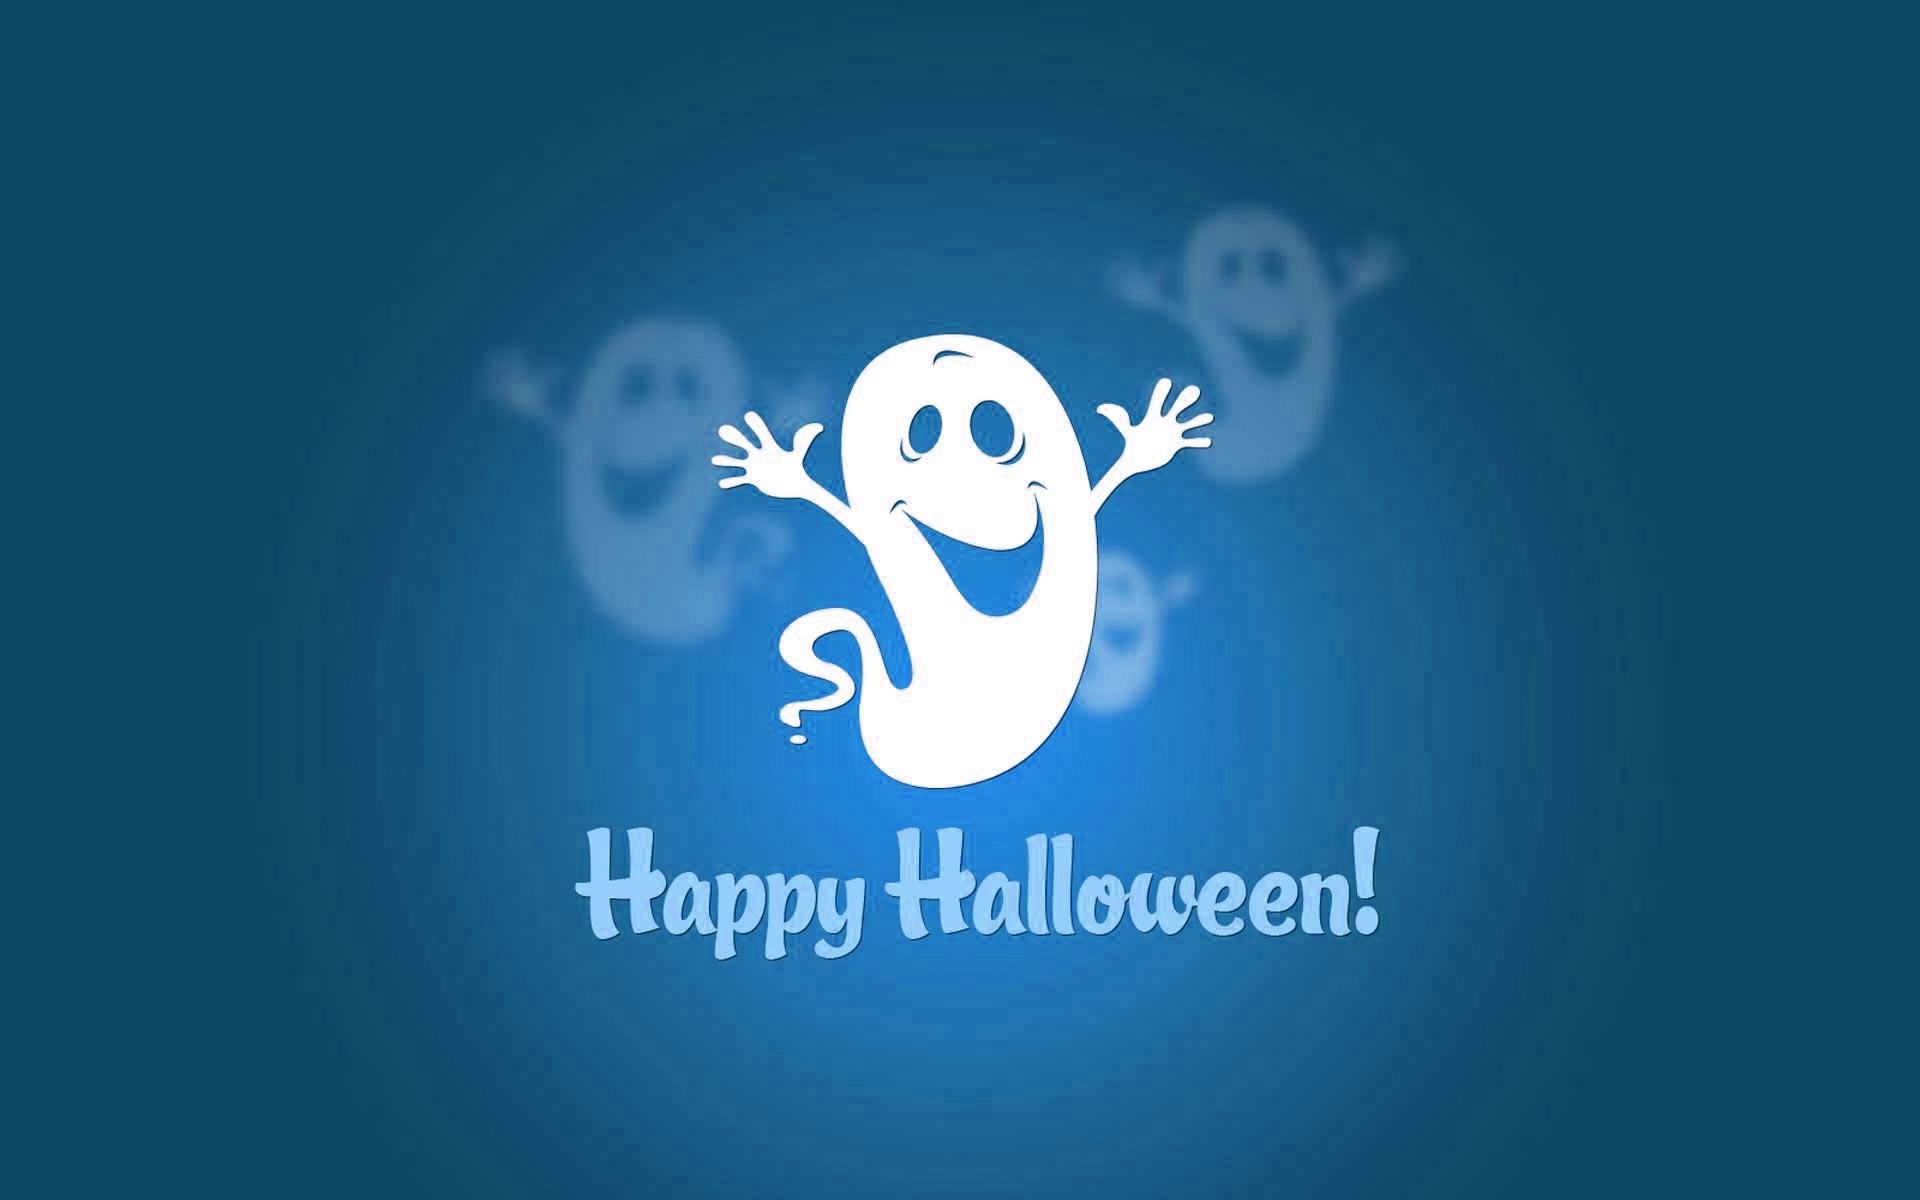 Happy-Halloween-photo